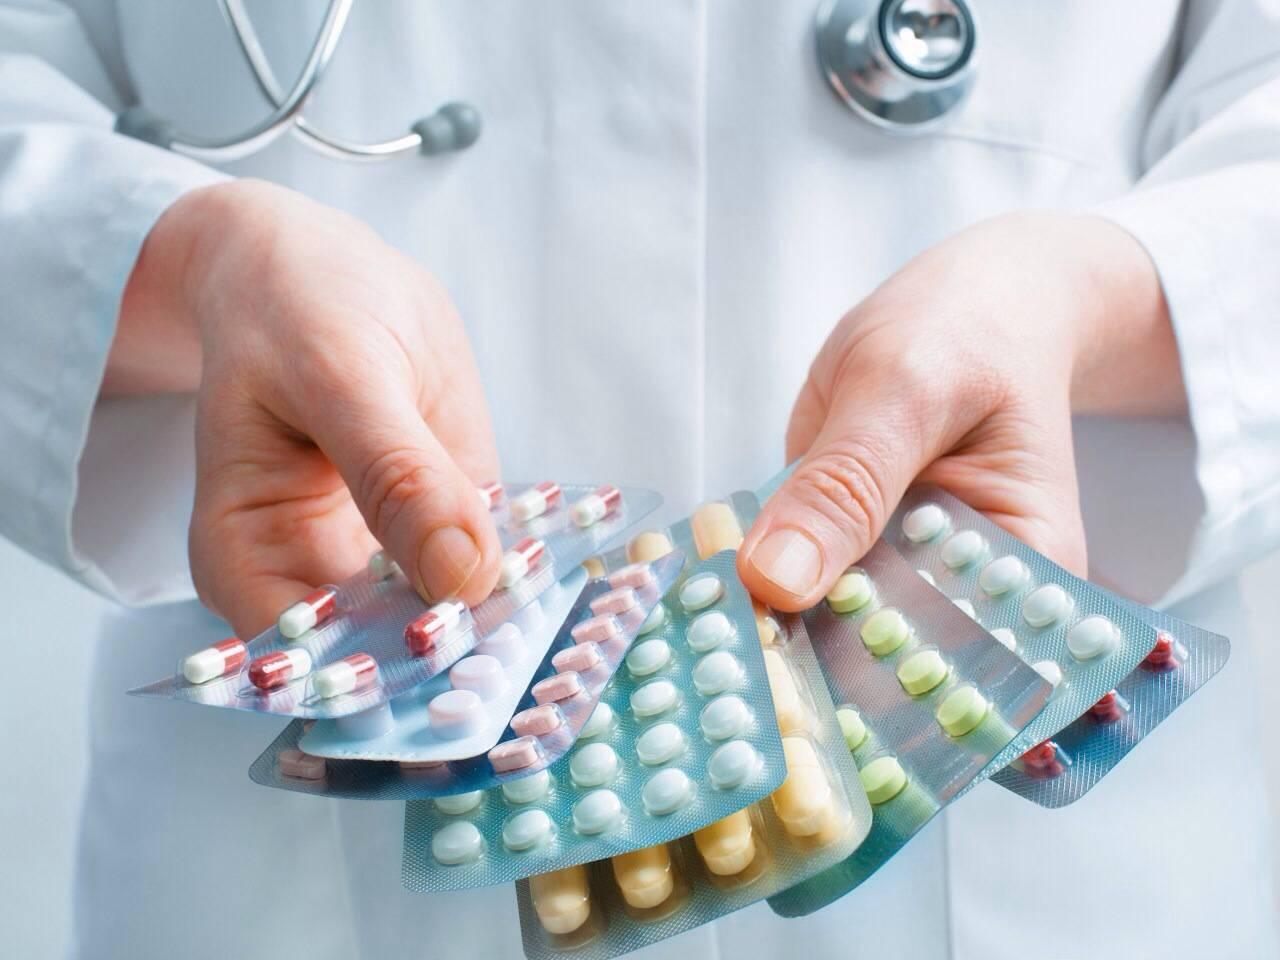 Препарати від циститу: лікування у жінок і чоловіків, недорогі та ефективні протизапальні, антибактеріальні, рослинні